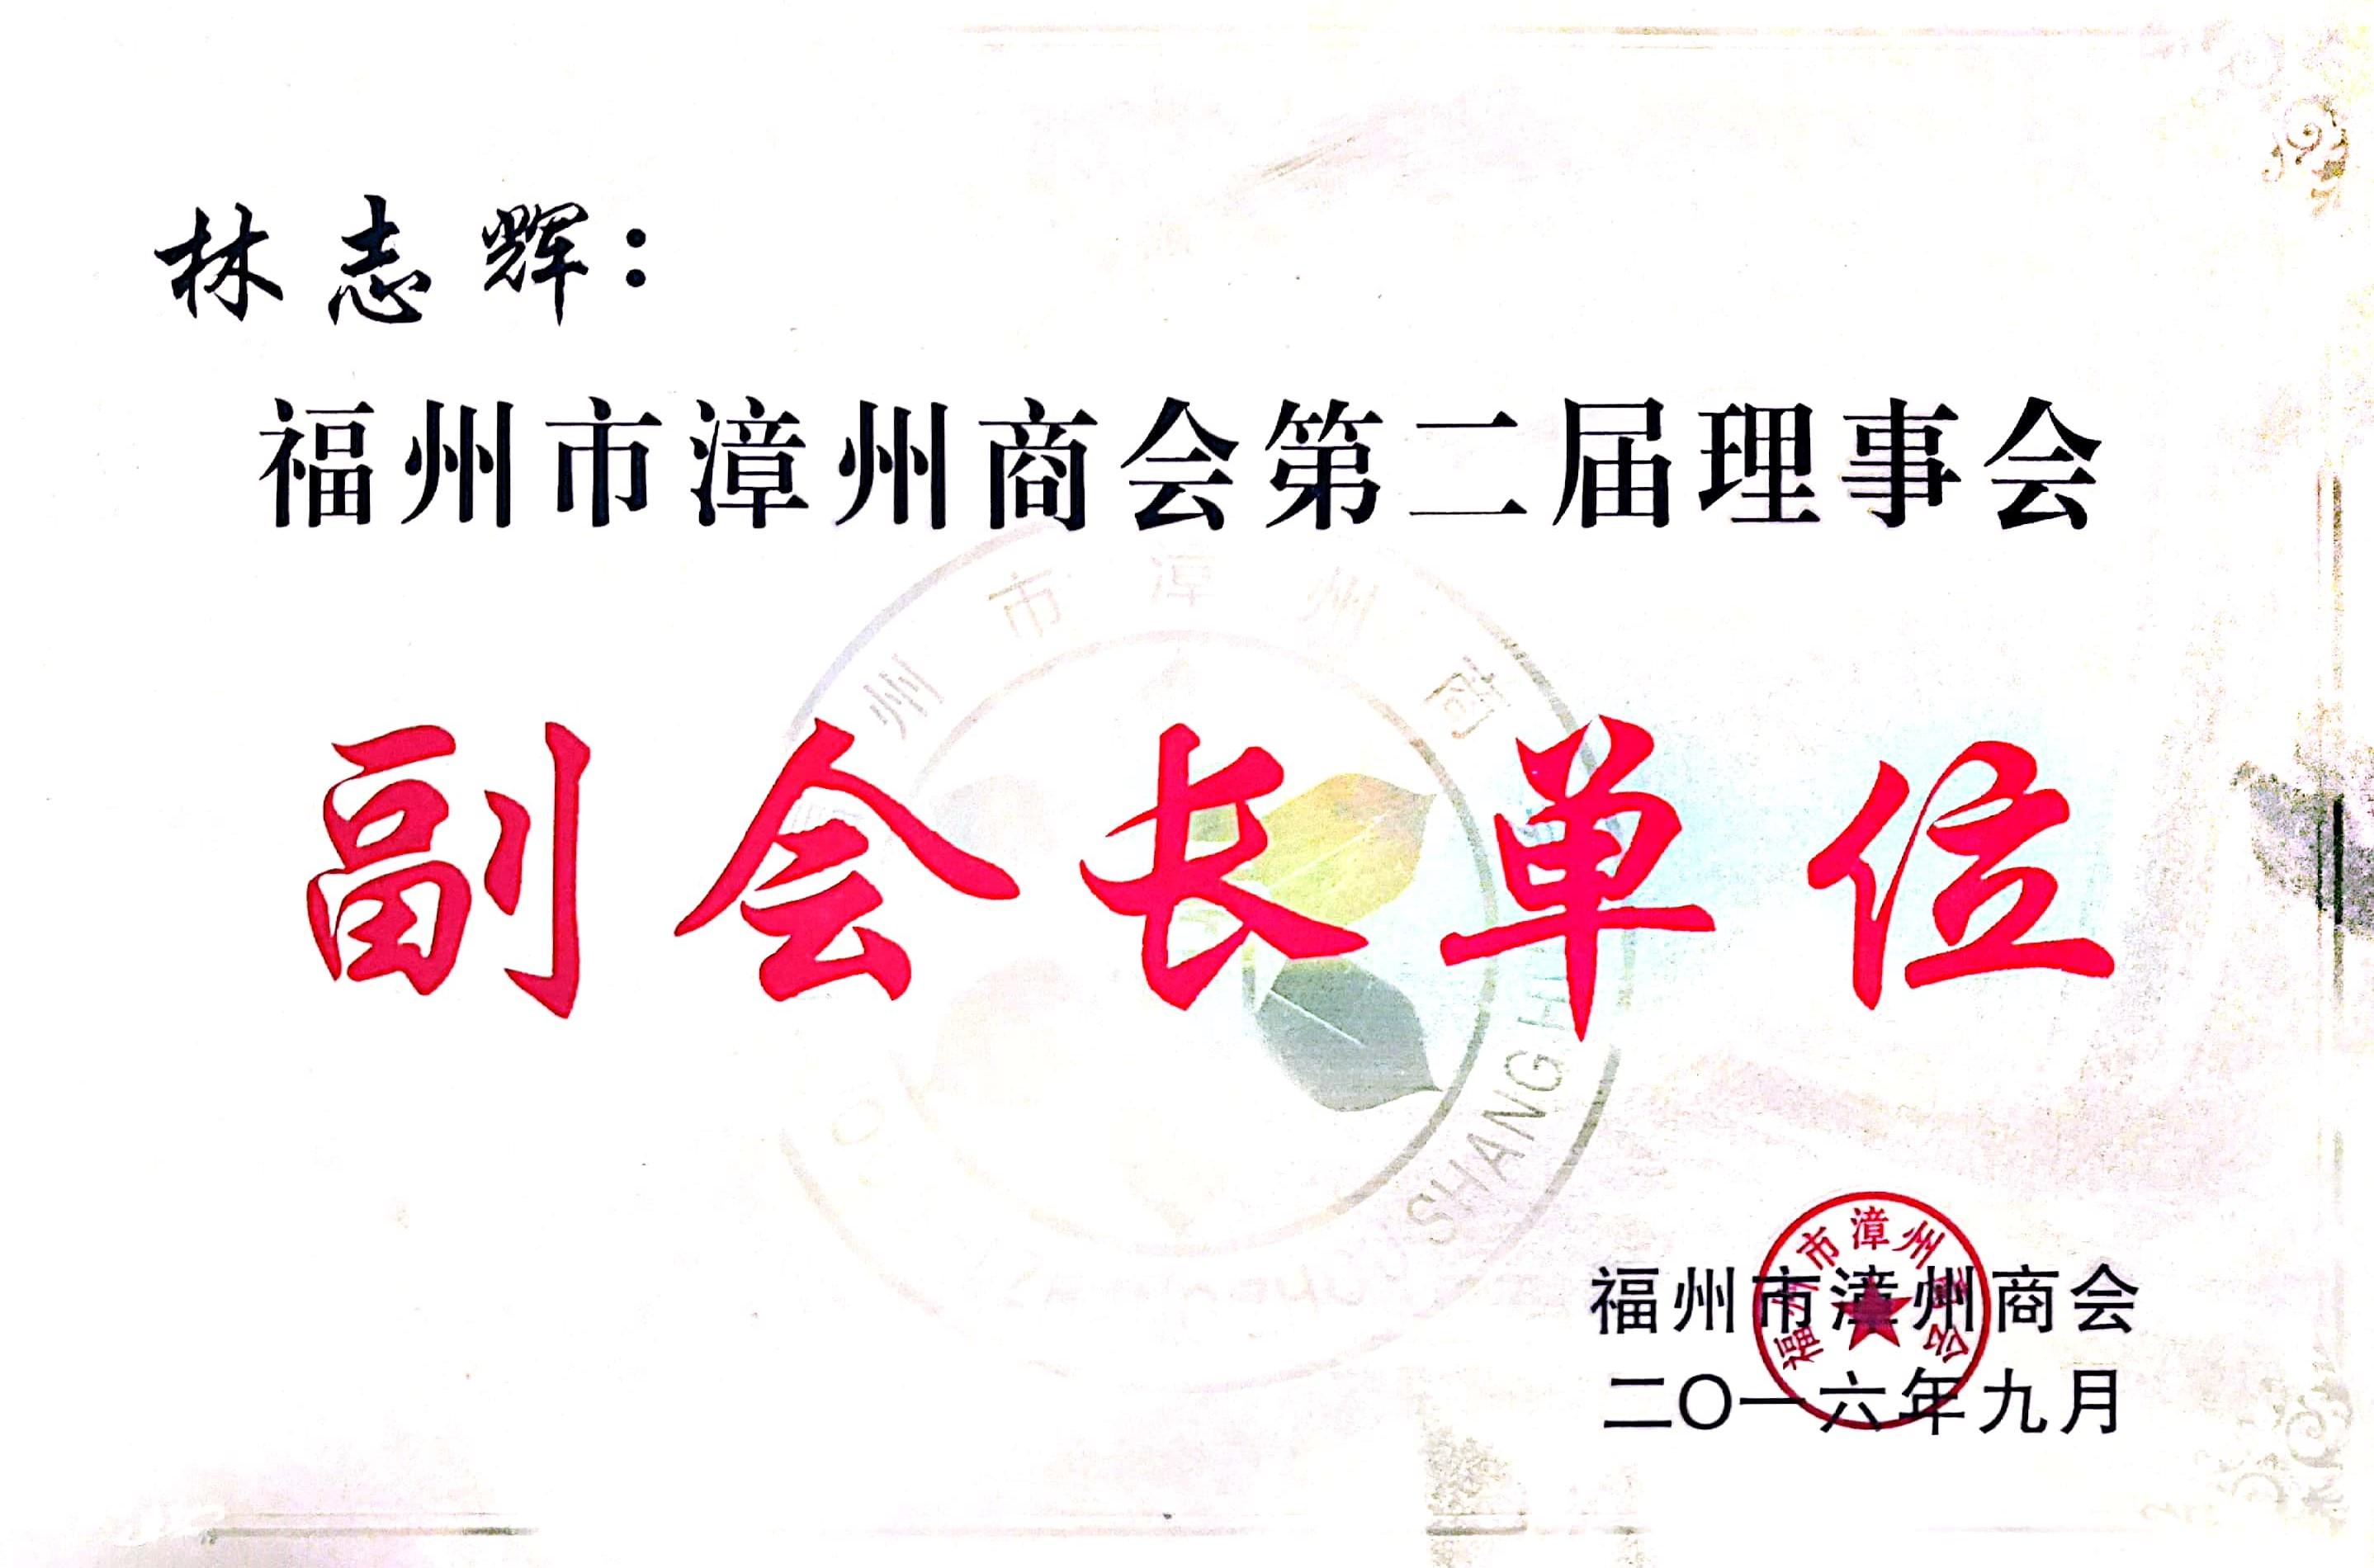 漳州商会副会长单位